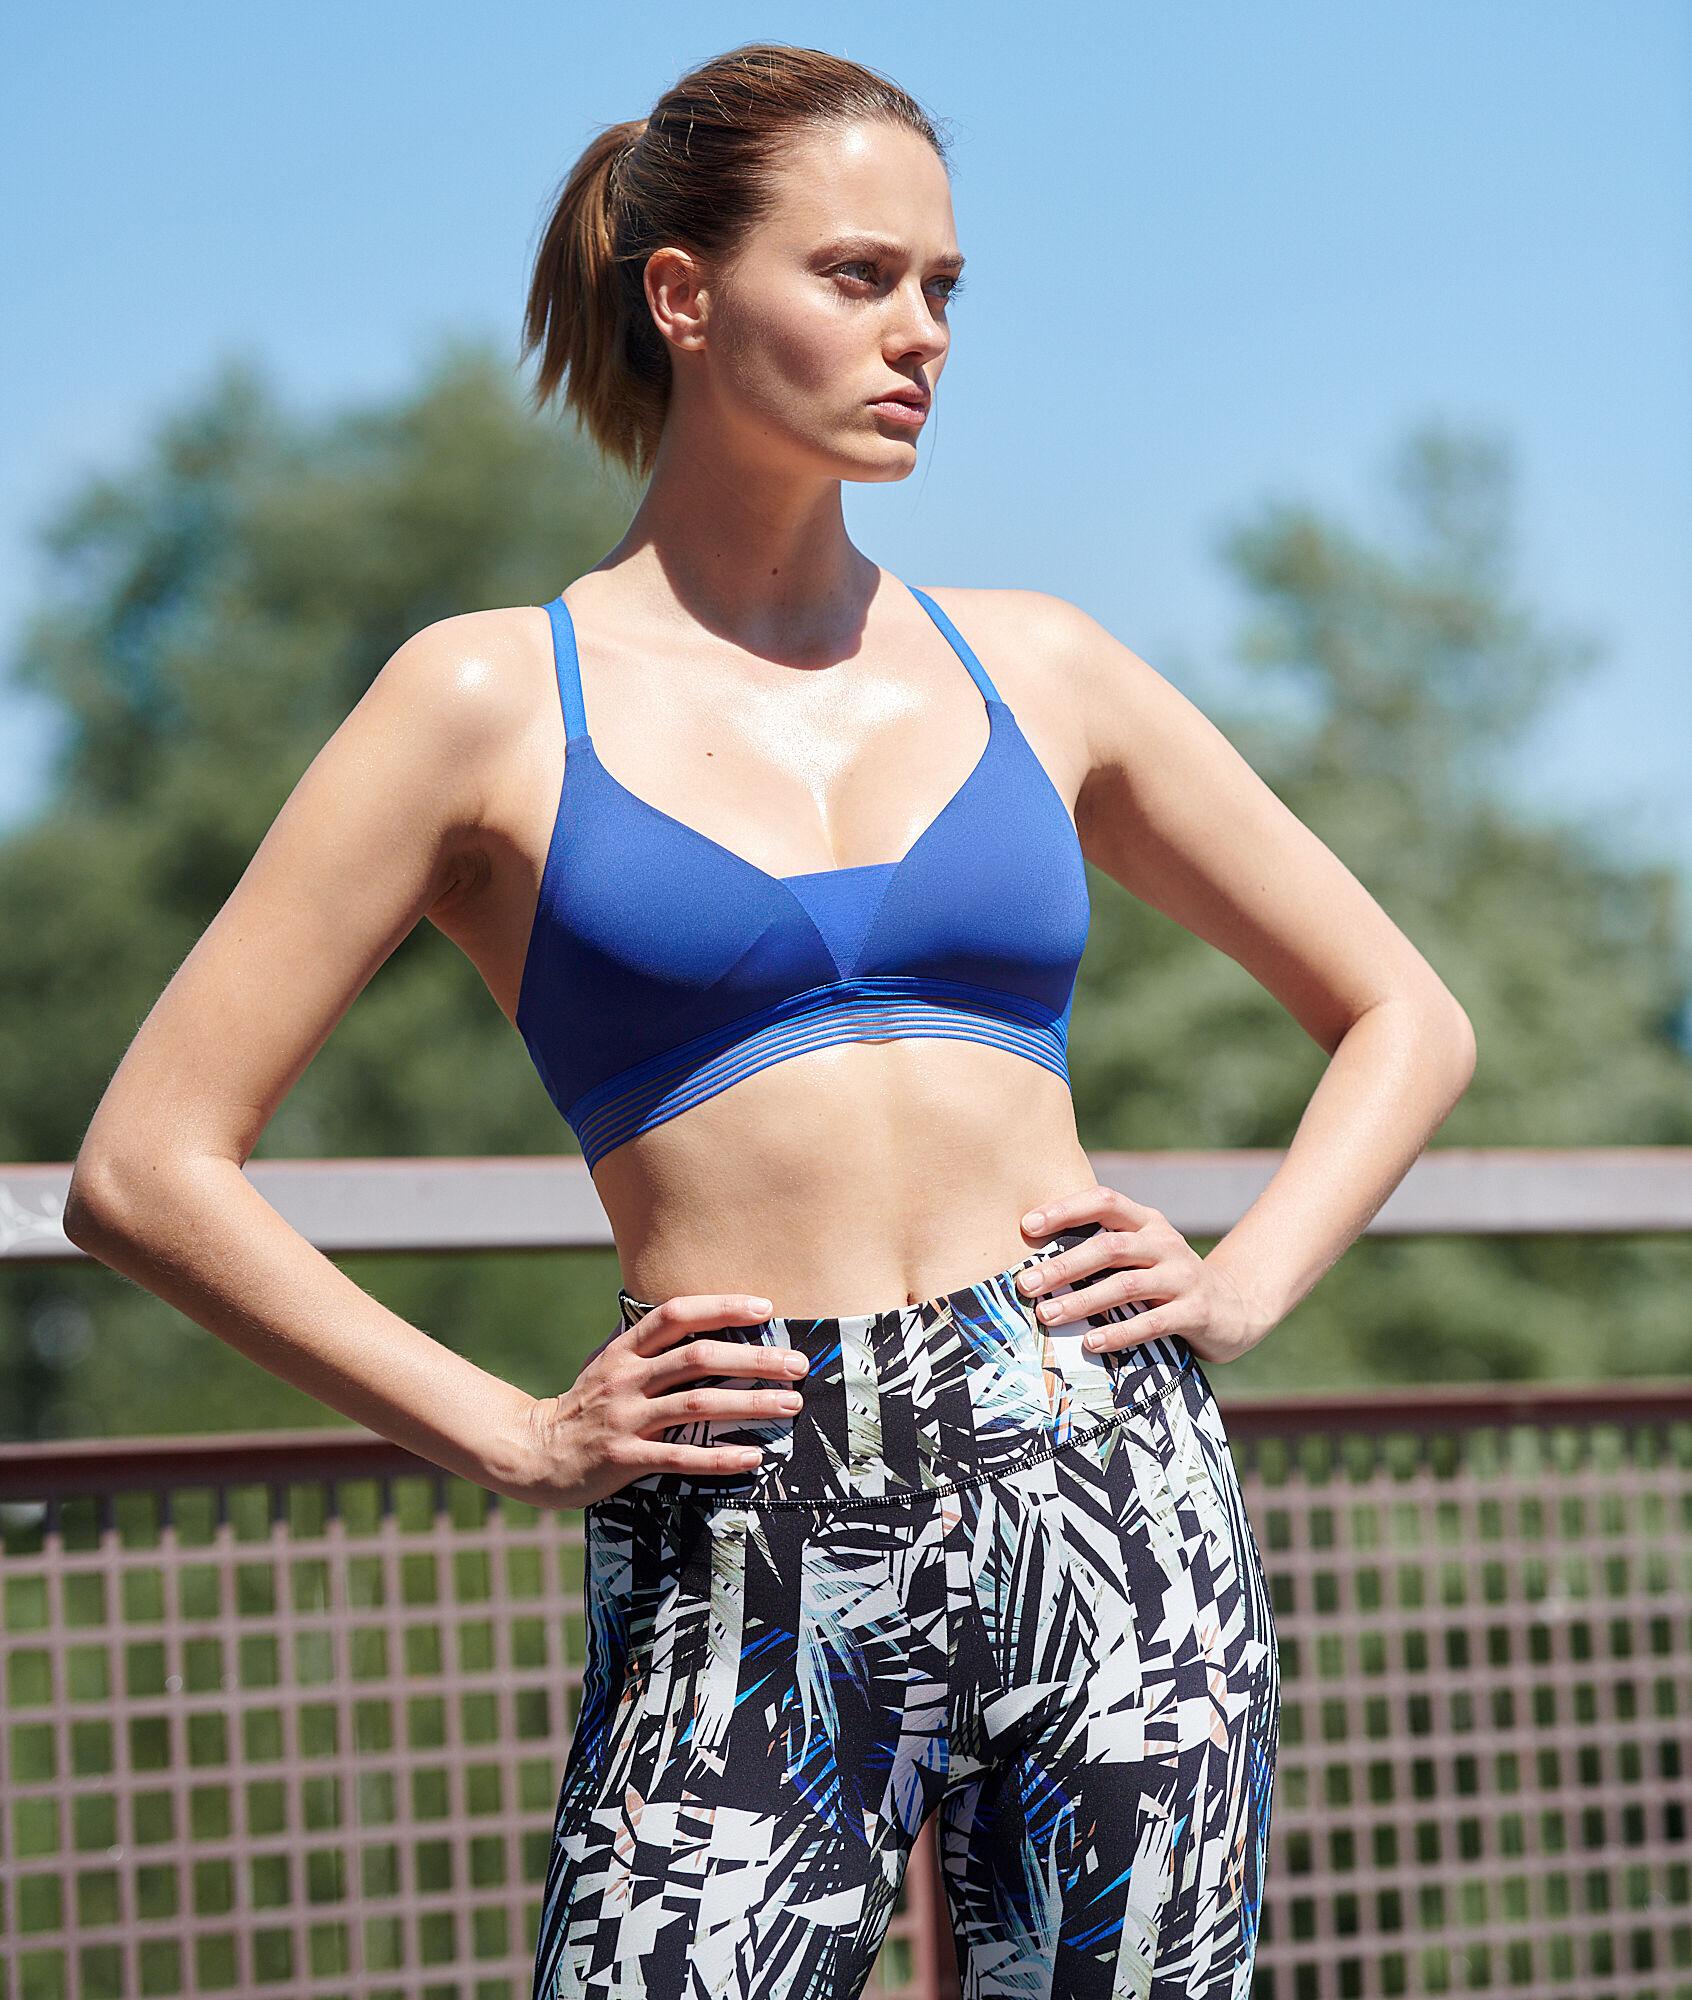 Спортивный бюстгальтер с перекрещенной спиной - легкая поддержка - CHARLINE - Ярко-голубой - L